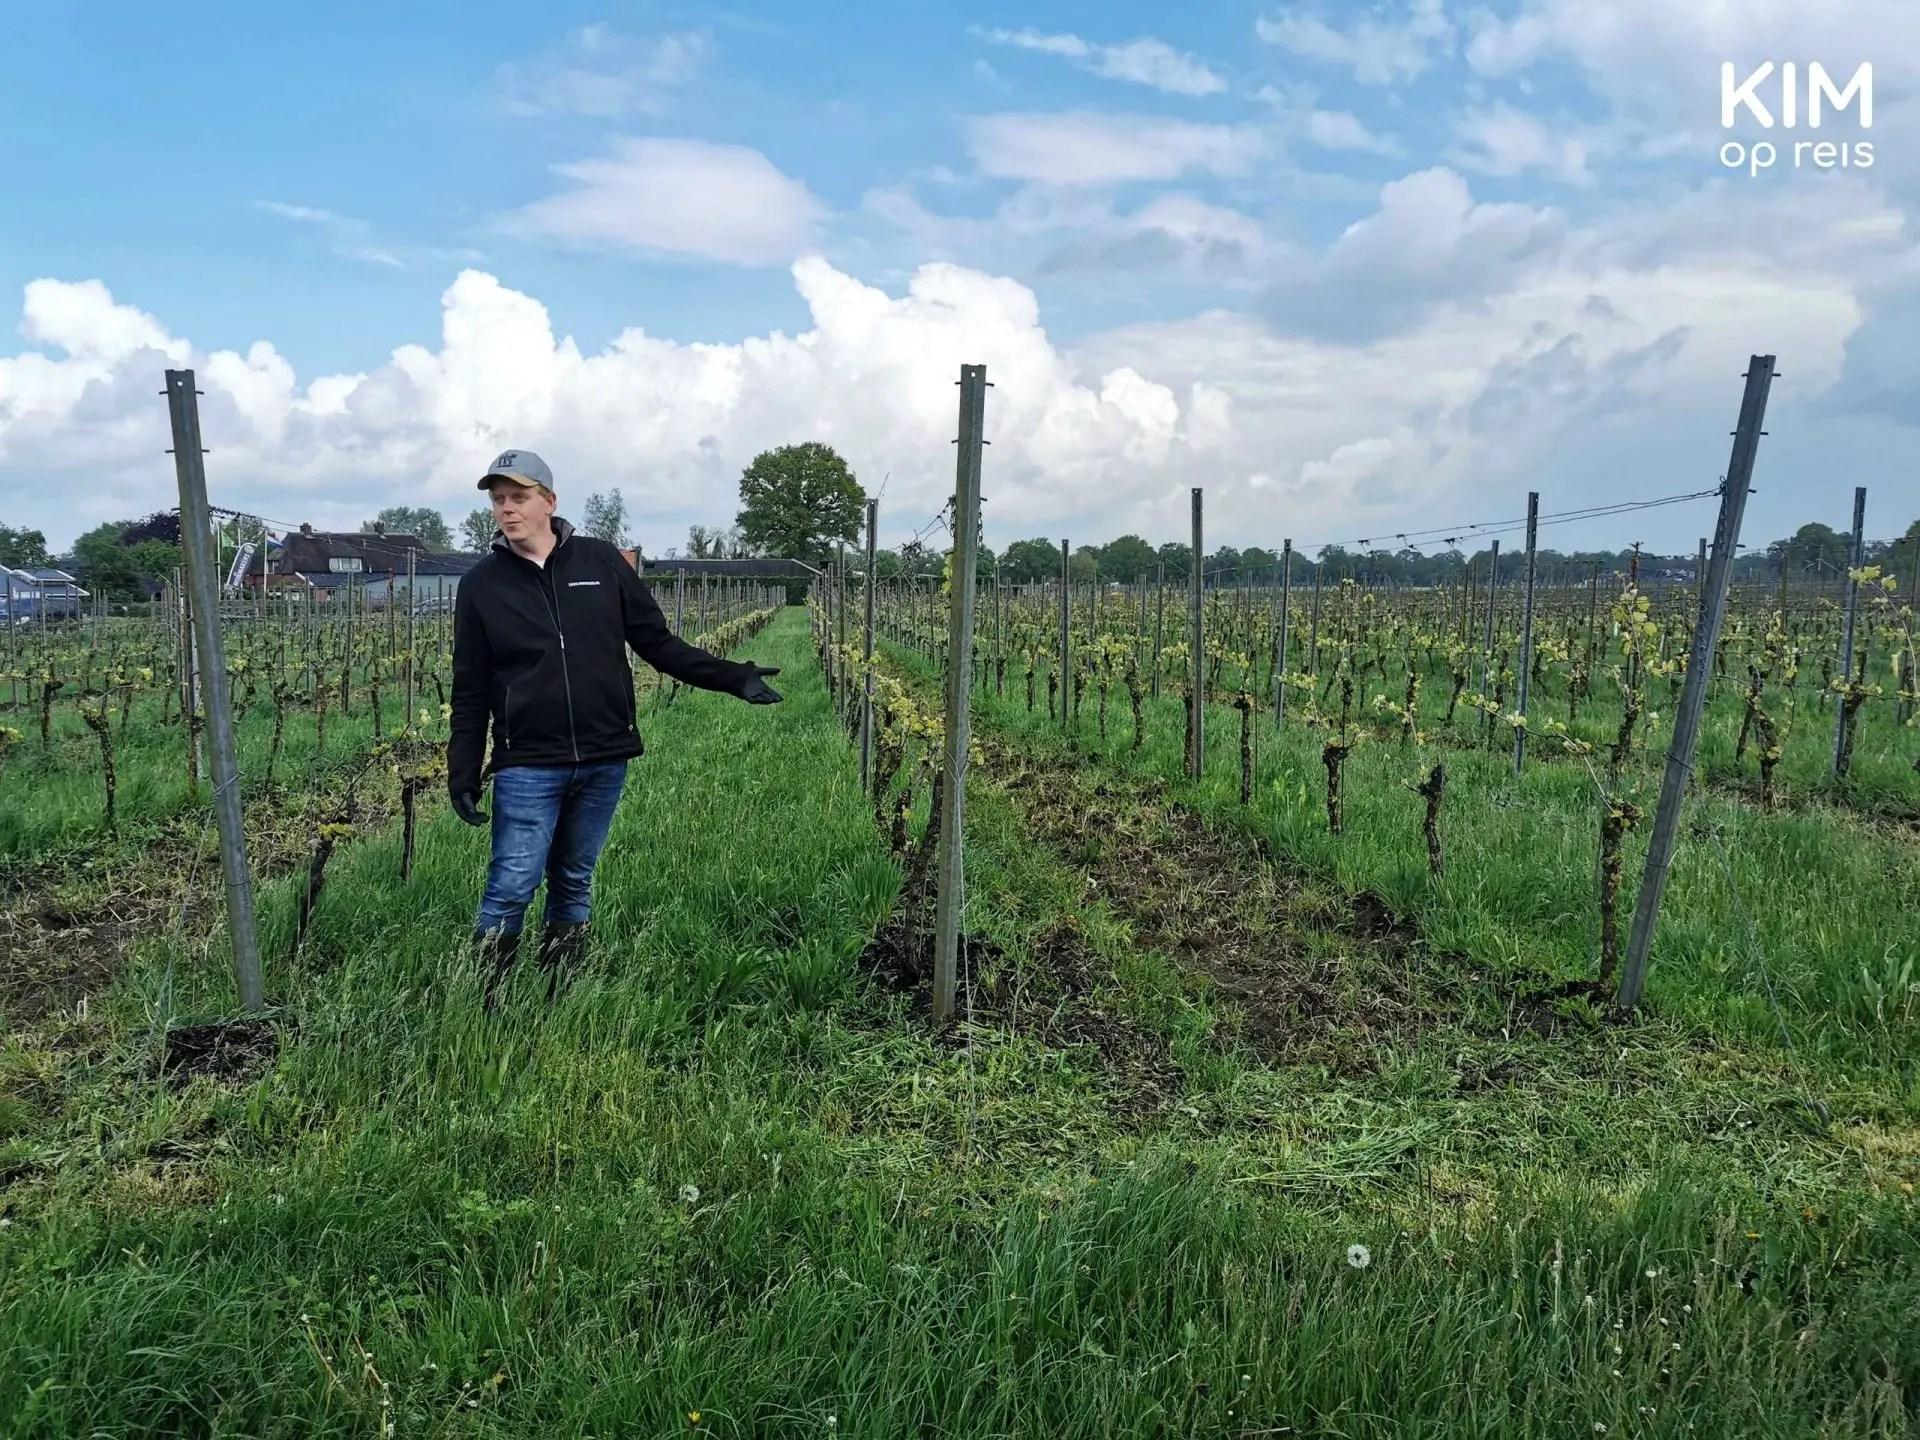 Rondleiding wijngaard Wierden De Wijnmakers: uitleg bij de wijnraken door één van de wijnmakers